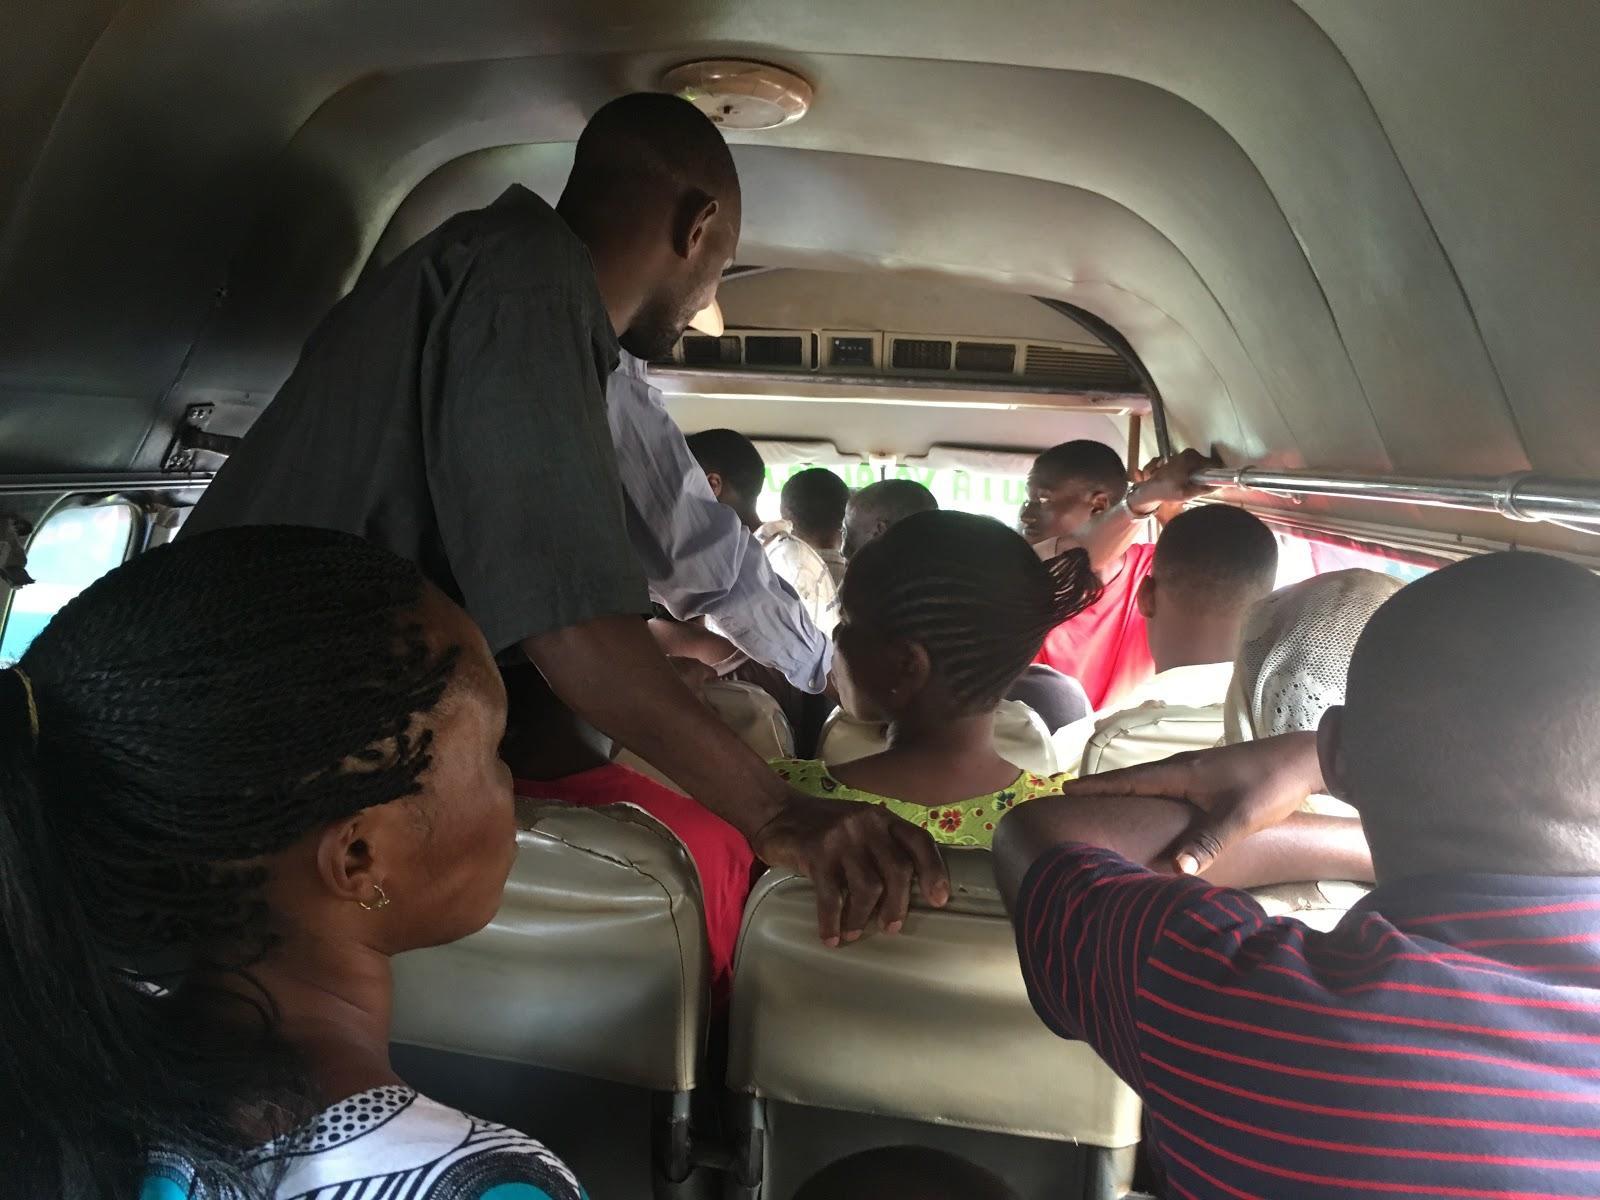 Autobus dala dala, ktorý nás viezol k letisku, Moshi